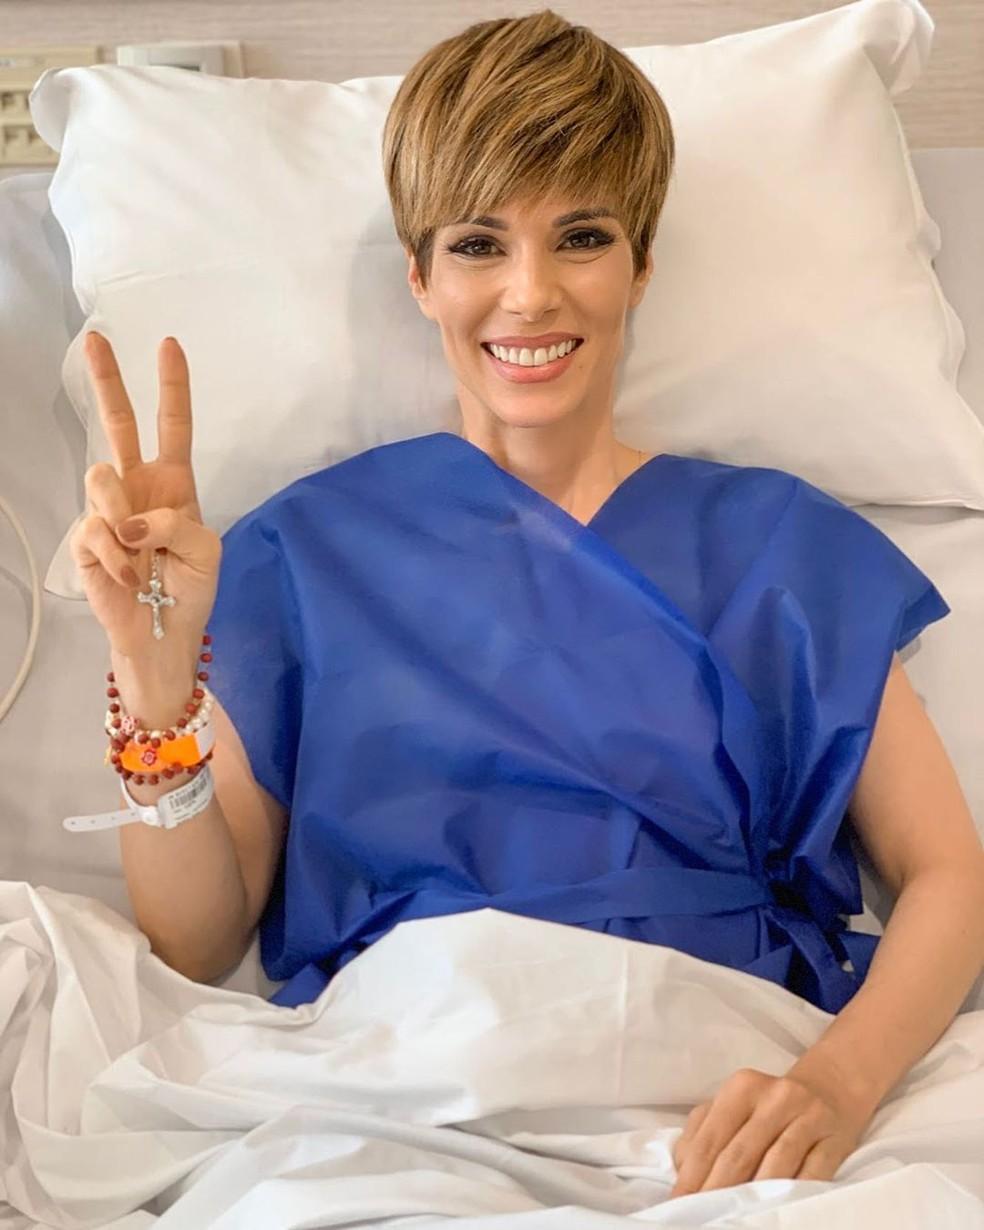 Ana Furtado contou que encerrou o tratamento do câncer de mama — Foto: Reprodução / Instagram